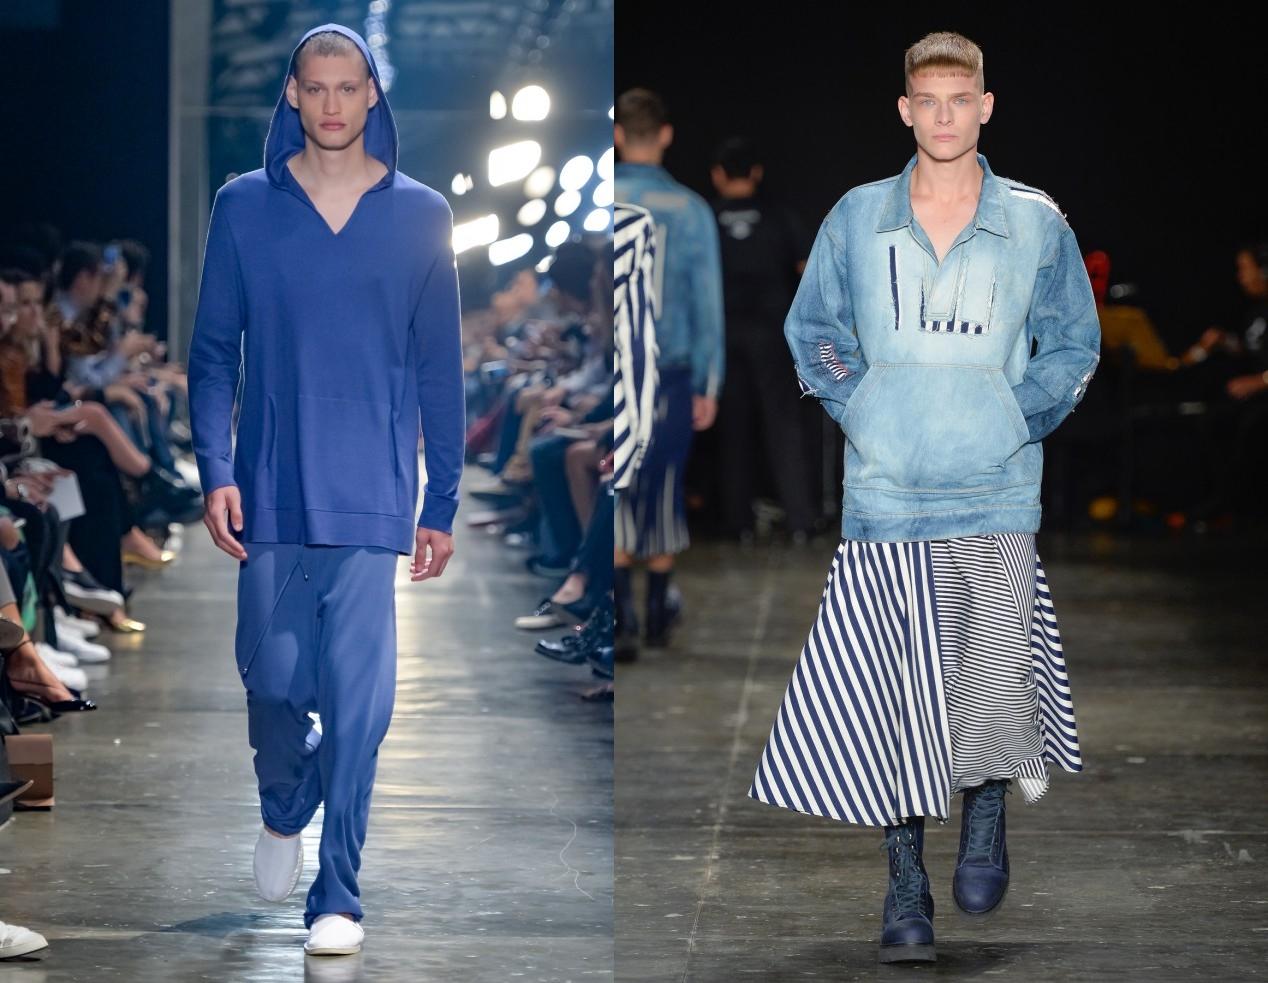 roupa-masculina-2017-roupa-2017-moda-masculina-tendencia-masculina-blogger-blog-de-moda-fashion-blogger-alex-cursino-moda-sem-censura-dicas-de-moda-dicas-de-estilo-youtuber-7